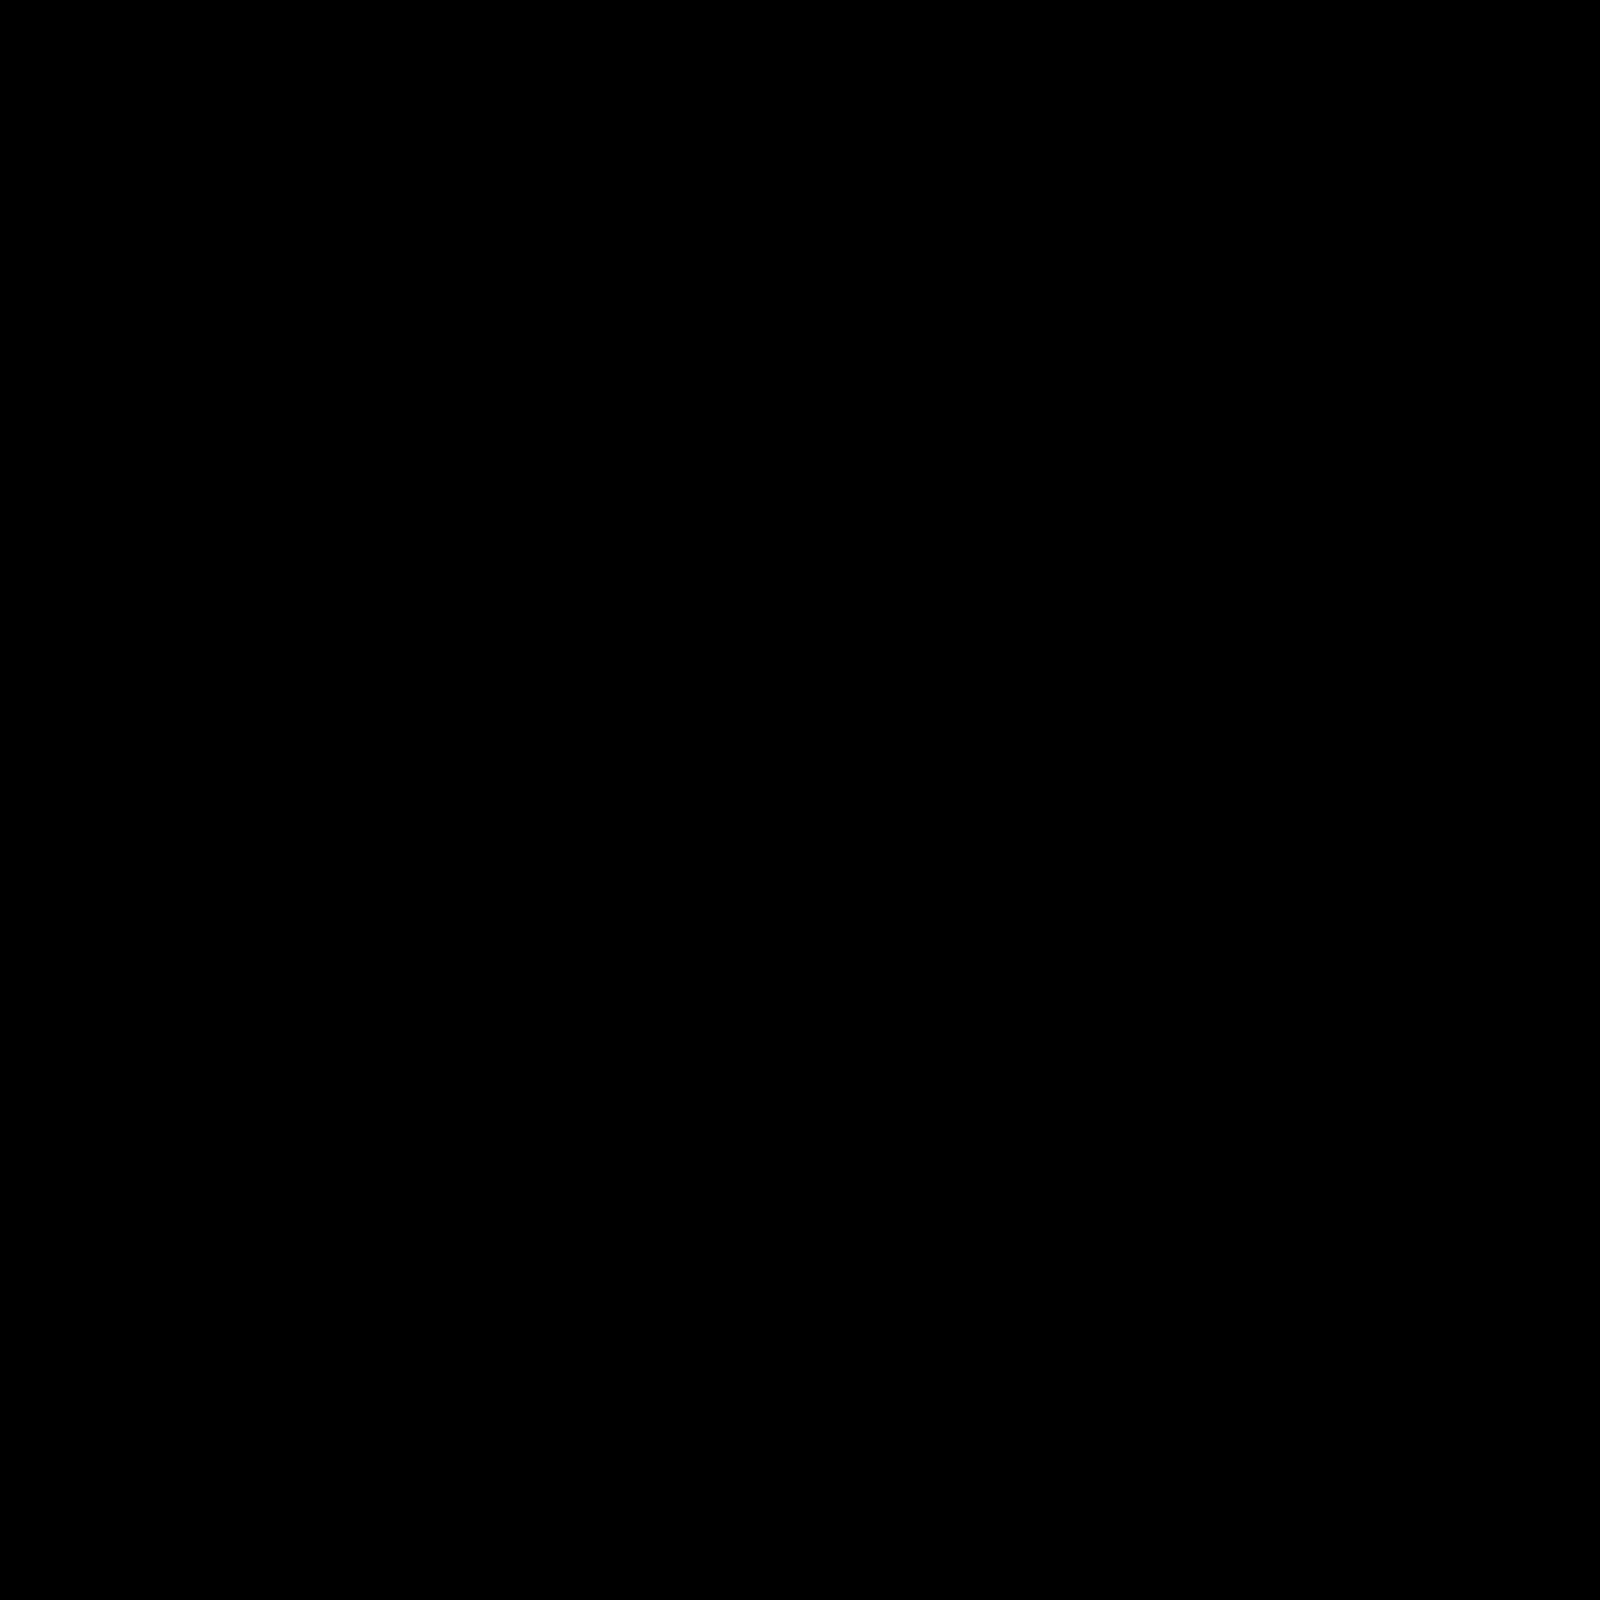 """西部の icon. This """"Western"""" icon is an obelisk pointing towards the sky, with two """"arms"""" branching off both sides of it. It is representing a desert cactus."""